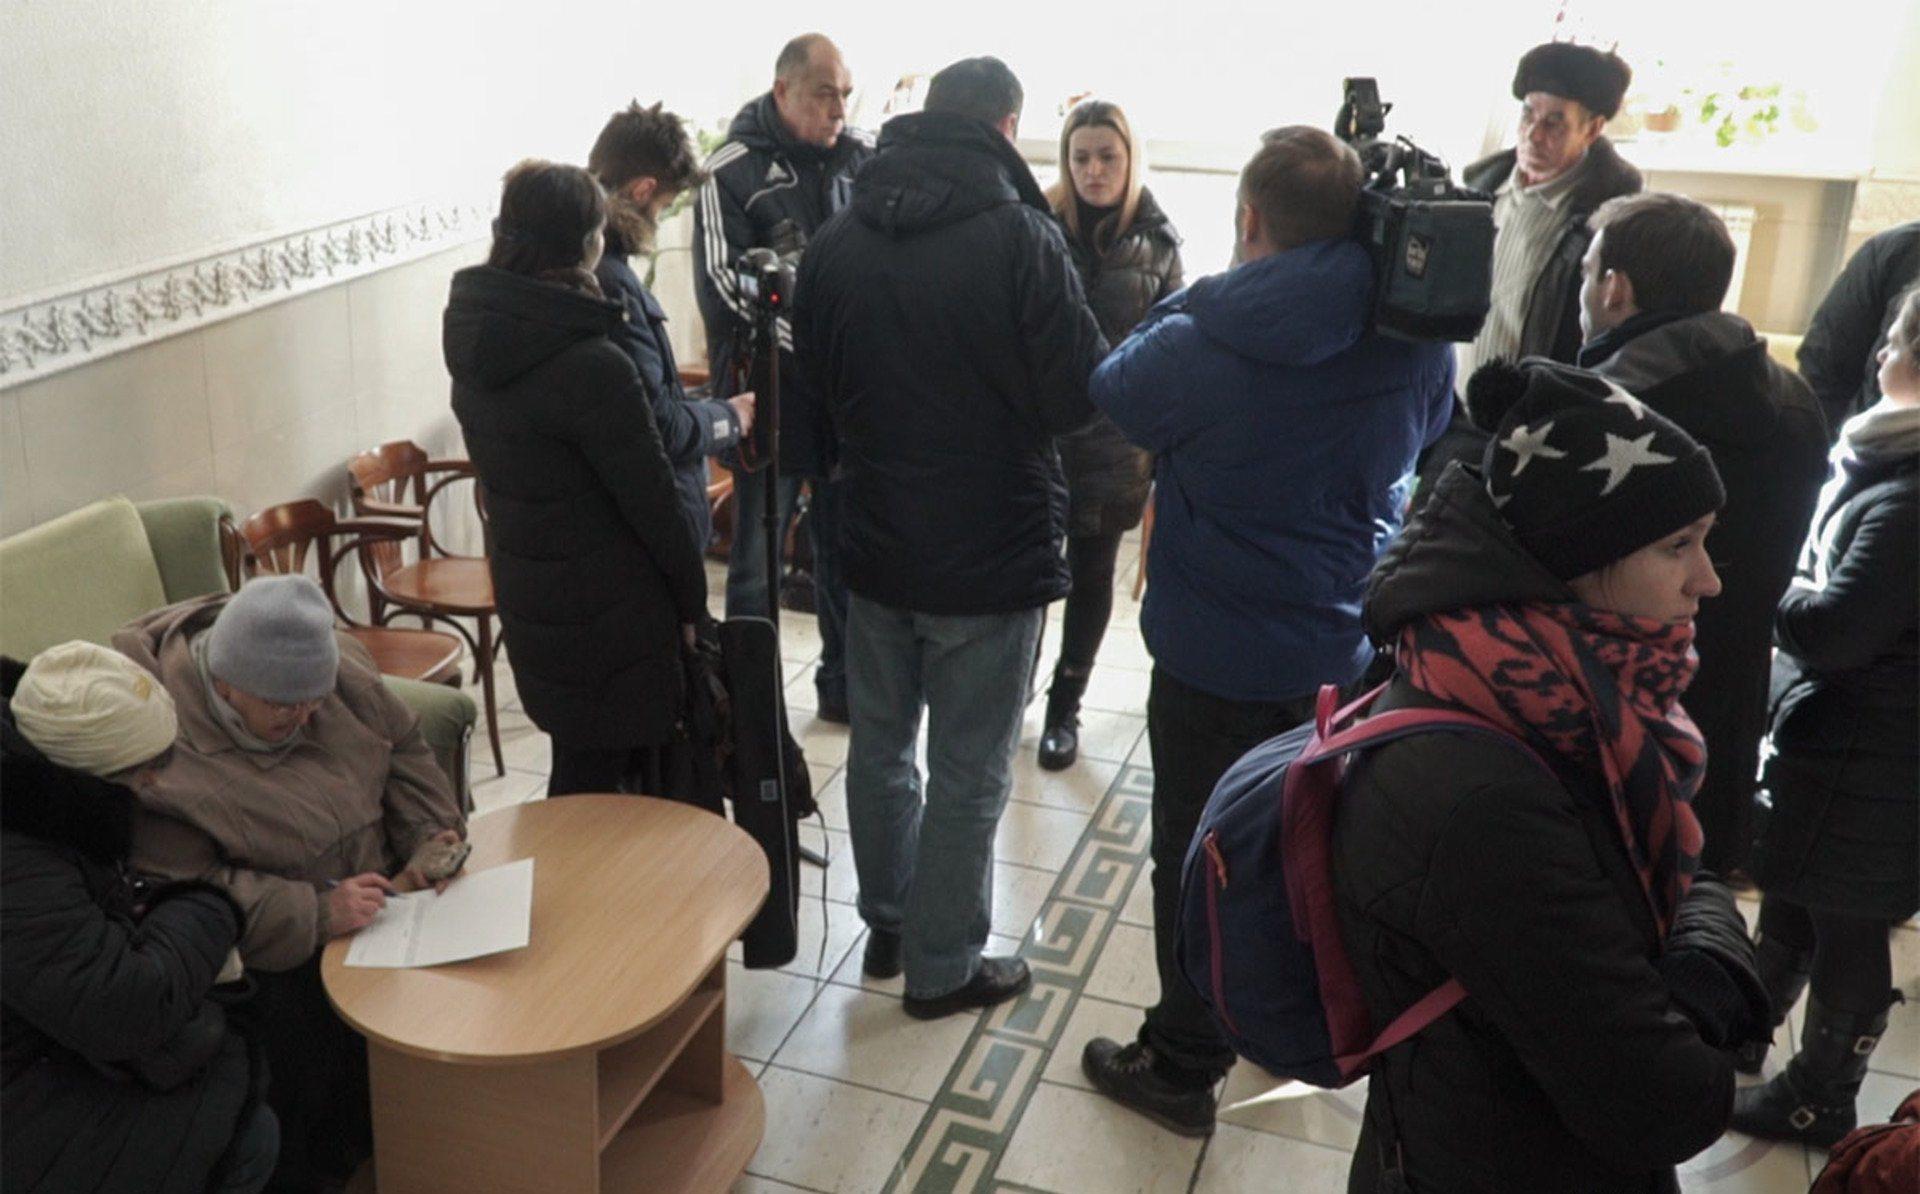 Близько 200 українських моряків ув'язнені в Греції: їх звинувачують у перевезенні нелегальних мігрантів